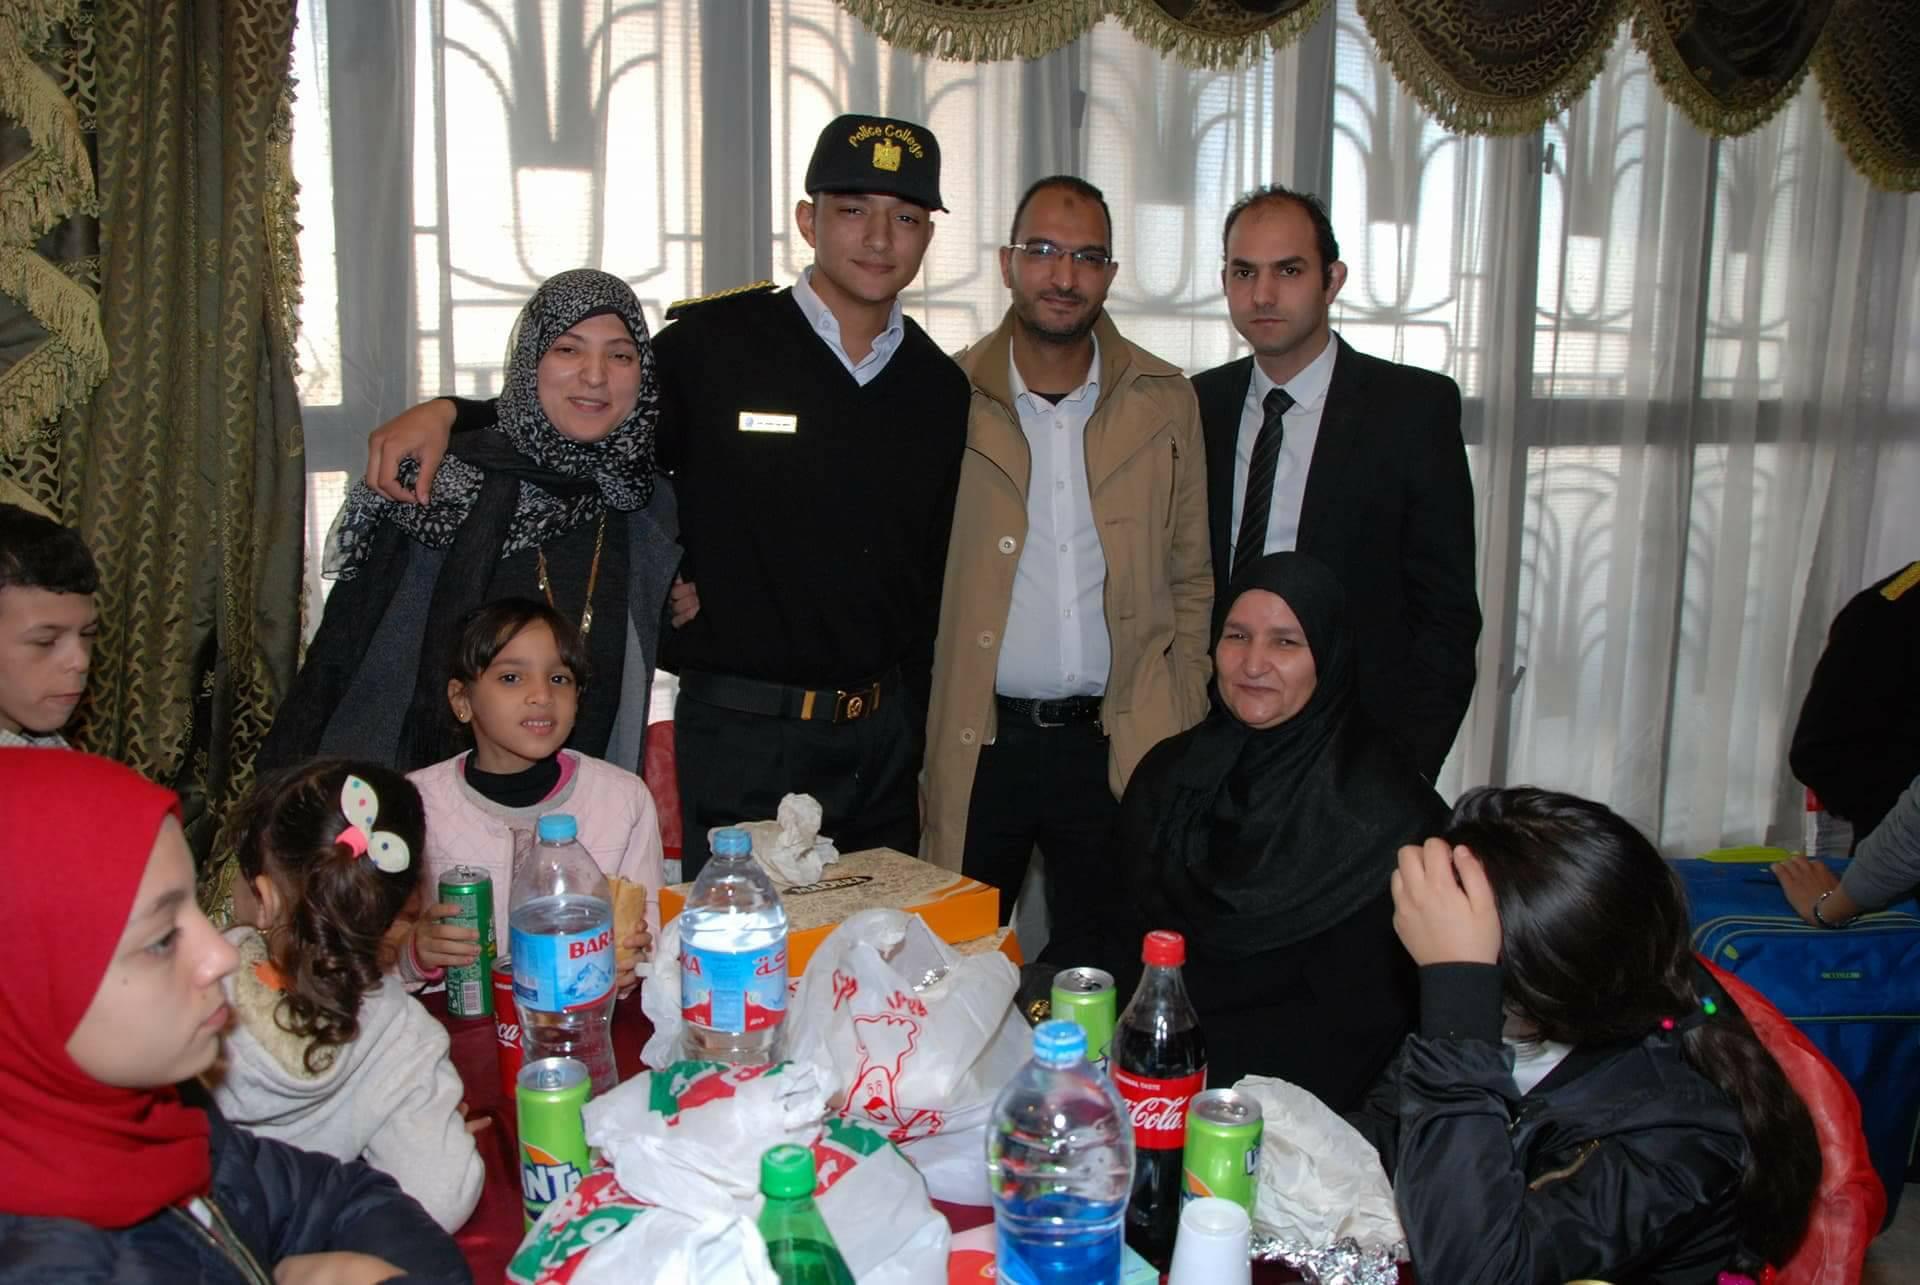 6 بعض من أفراد أسرة الشهيد الرائد محمد عبد اللطيف خفاجى